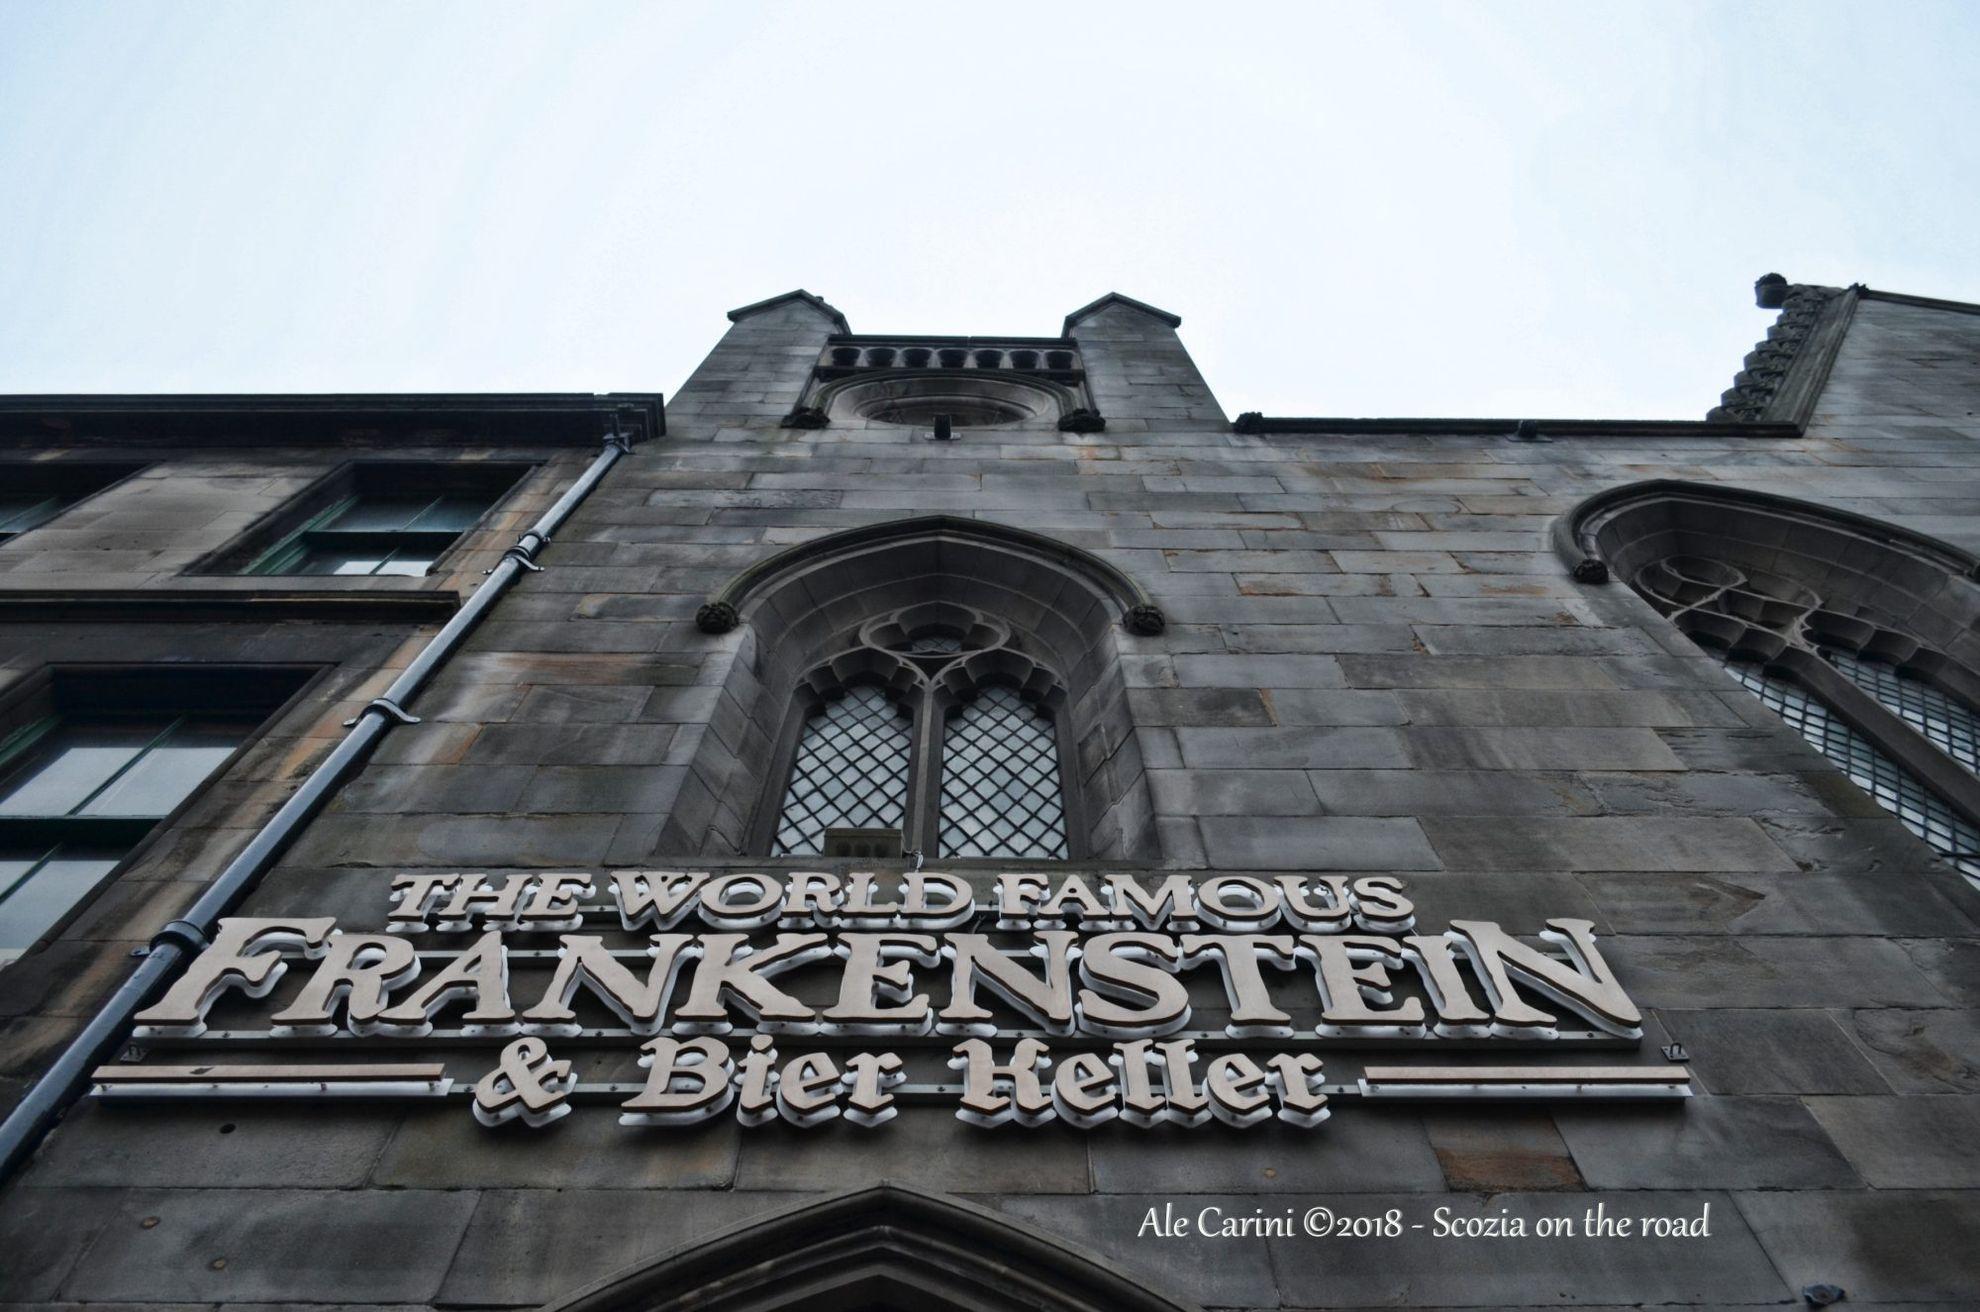 Mangiare ad Edimburgo: mini guida sui posti più particolari (2 Parte)